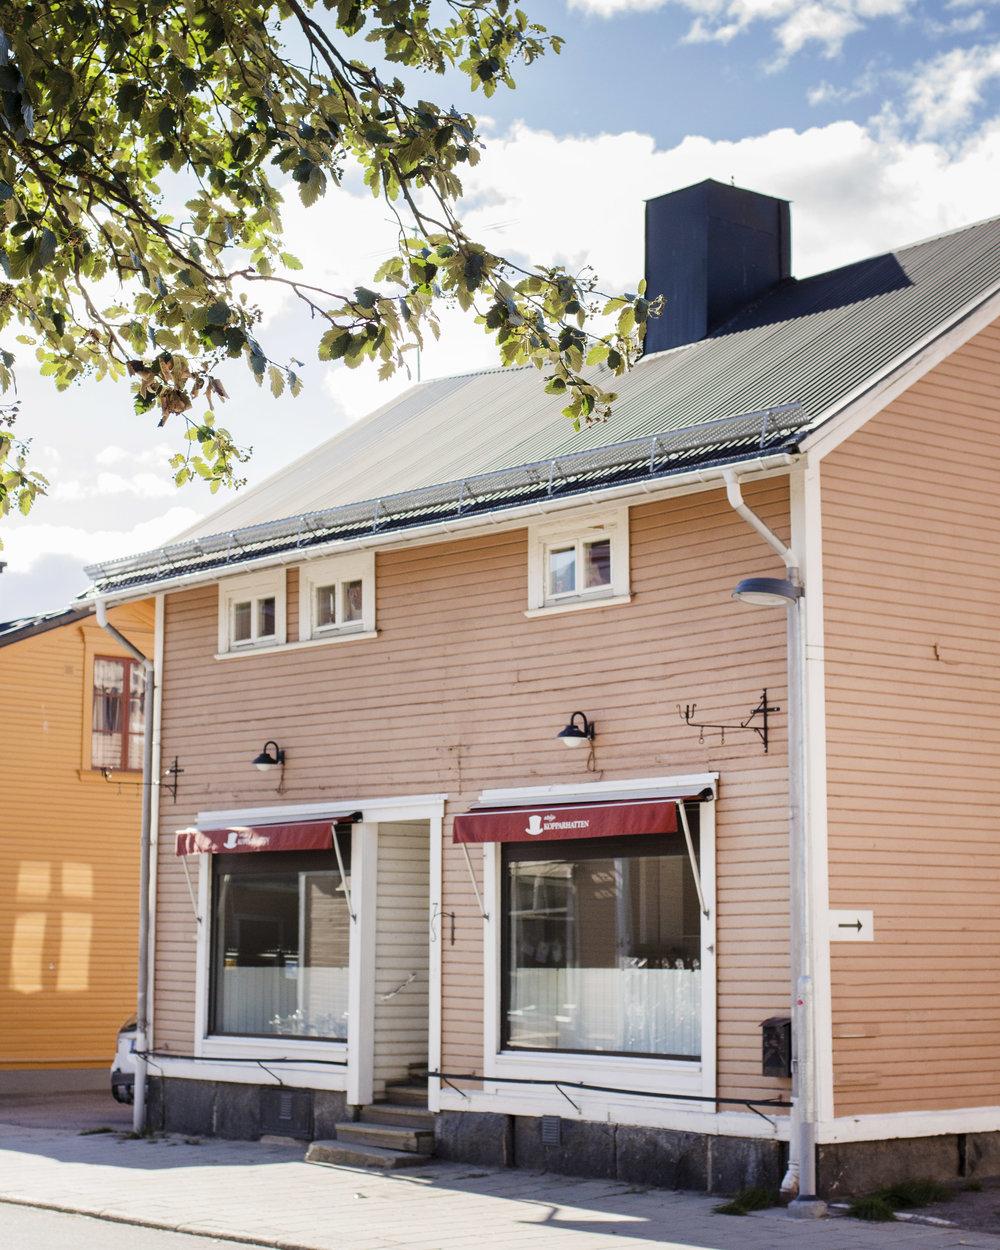 Butiken ligger på Sveagatan 7 i Umeå. Det högra skyltfönstret är vårt!